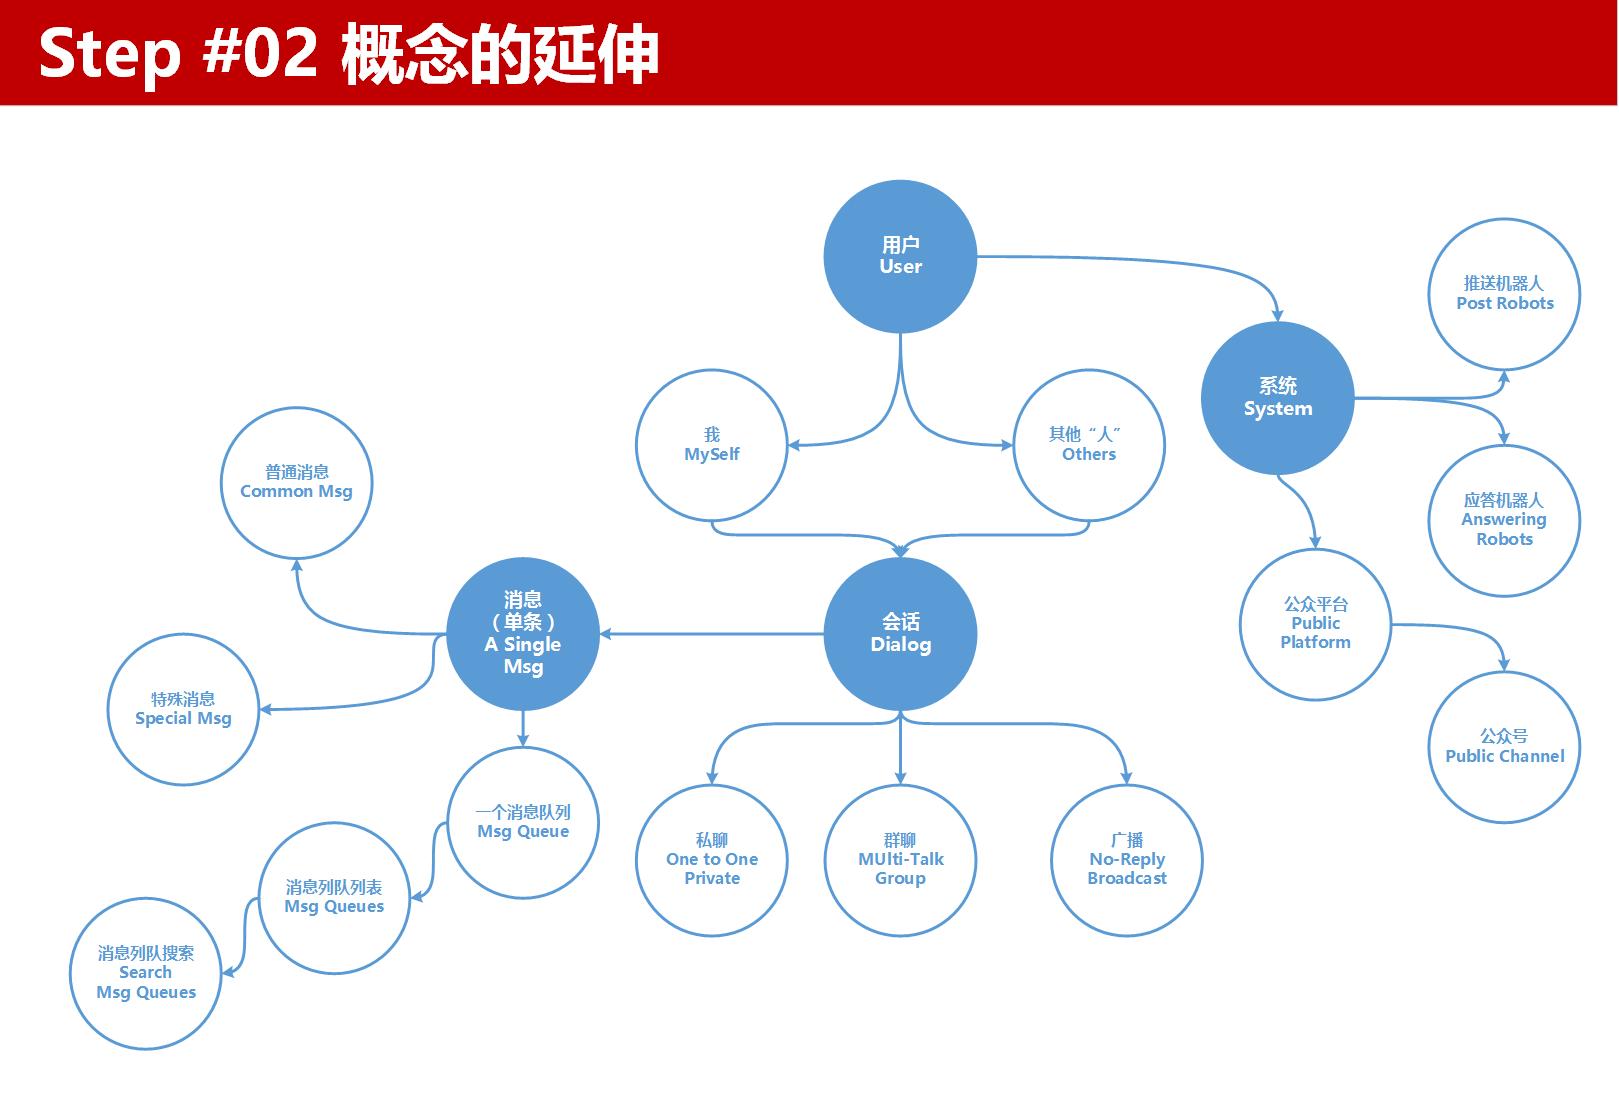 信息架构设计步骤Step02概念的延伸